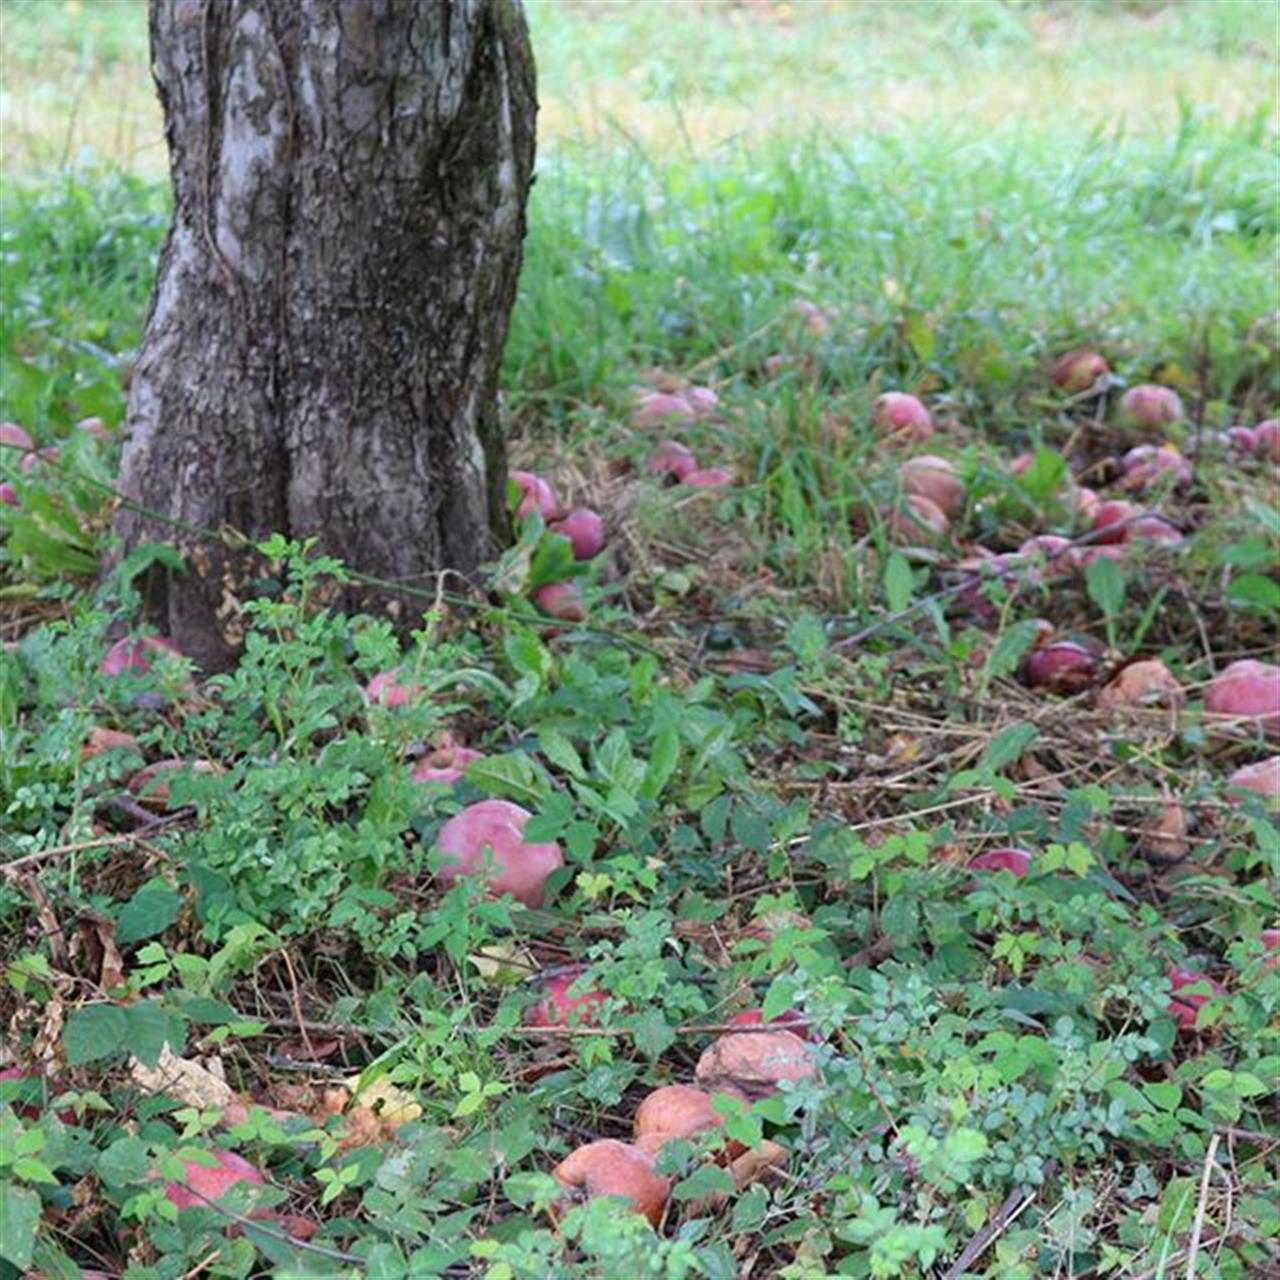 #stuartsapplefarm #apples #trees #applepicking #upstateny